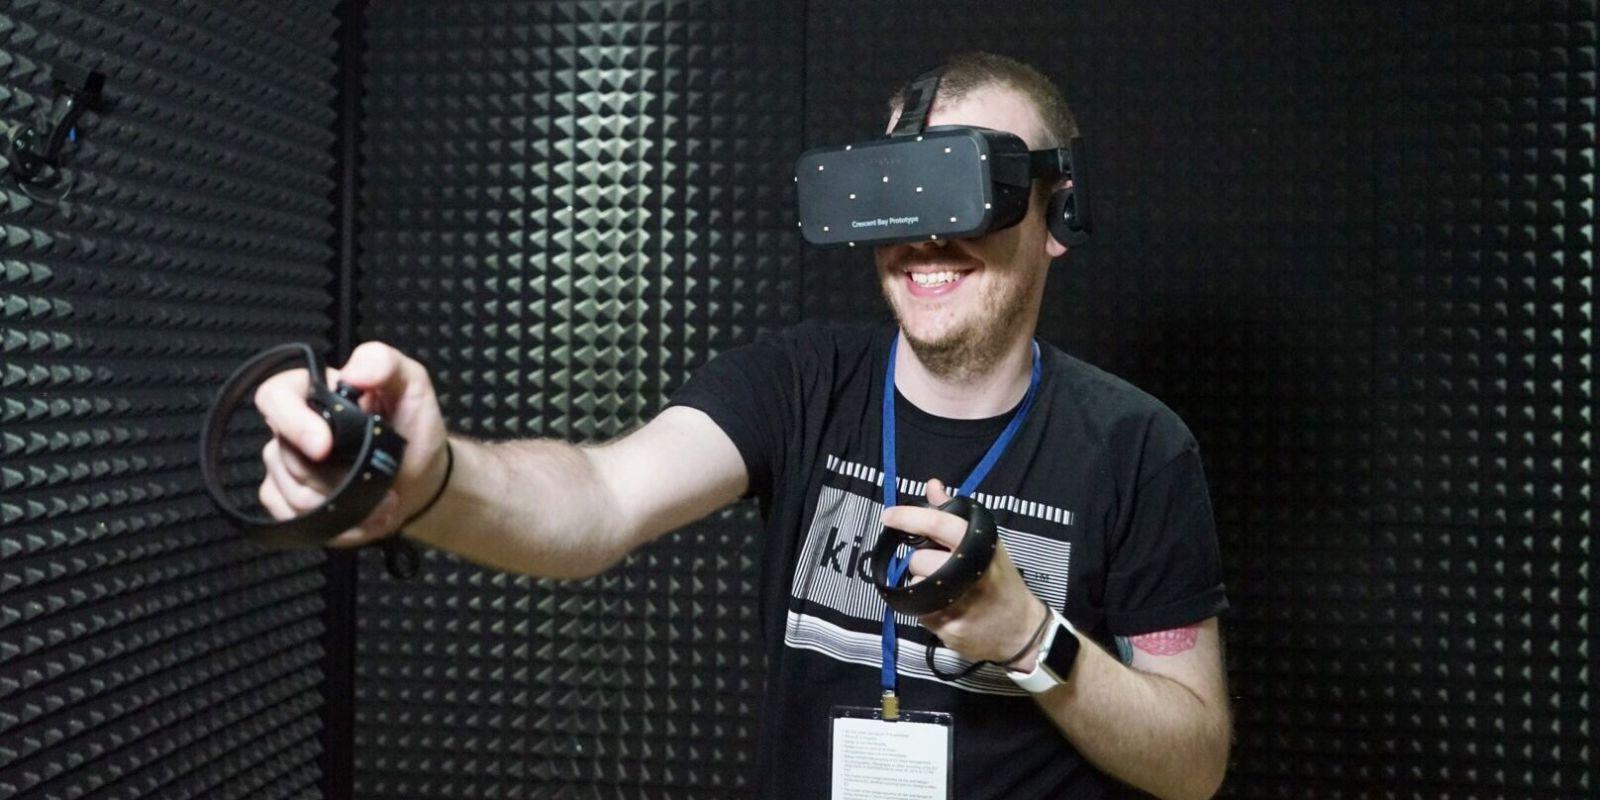 GeForce Game Ready mejora la experiencia de VR para juegos compatibles con Oculus Touch